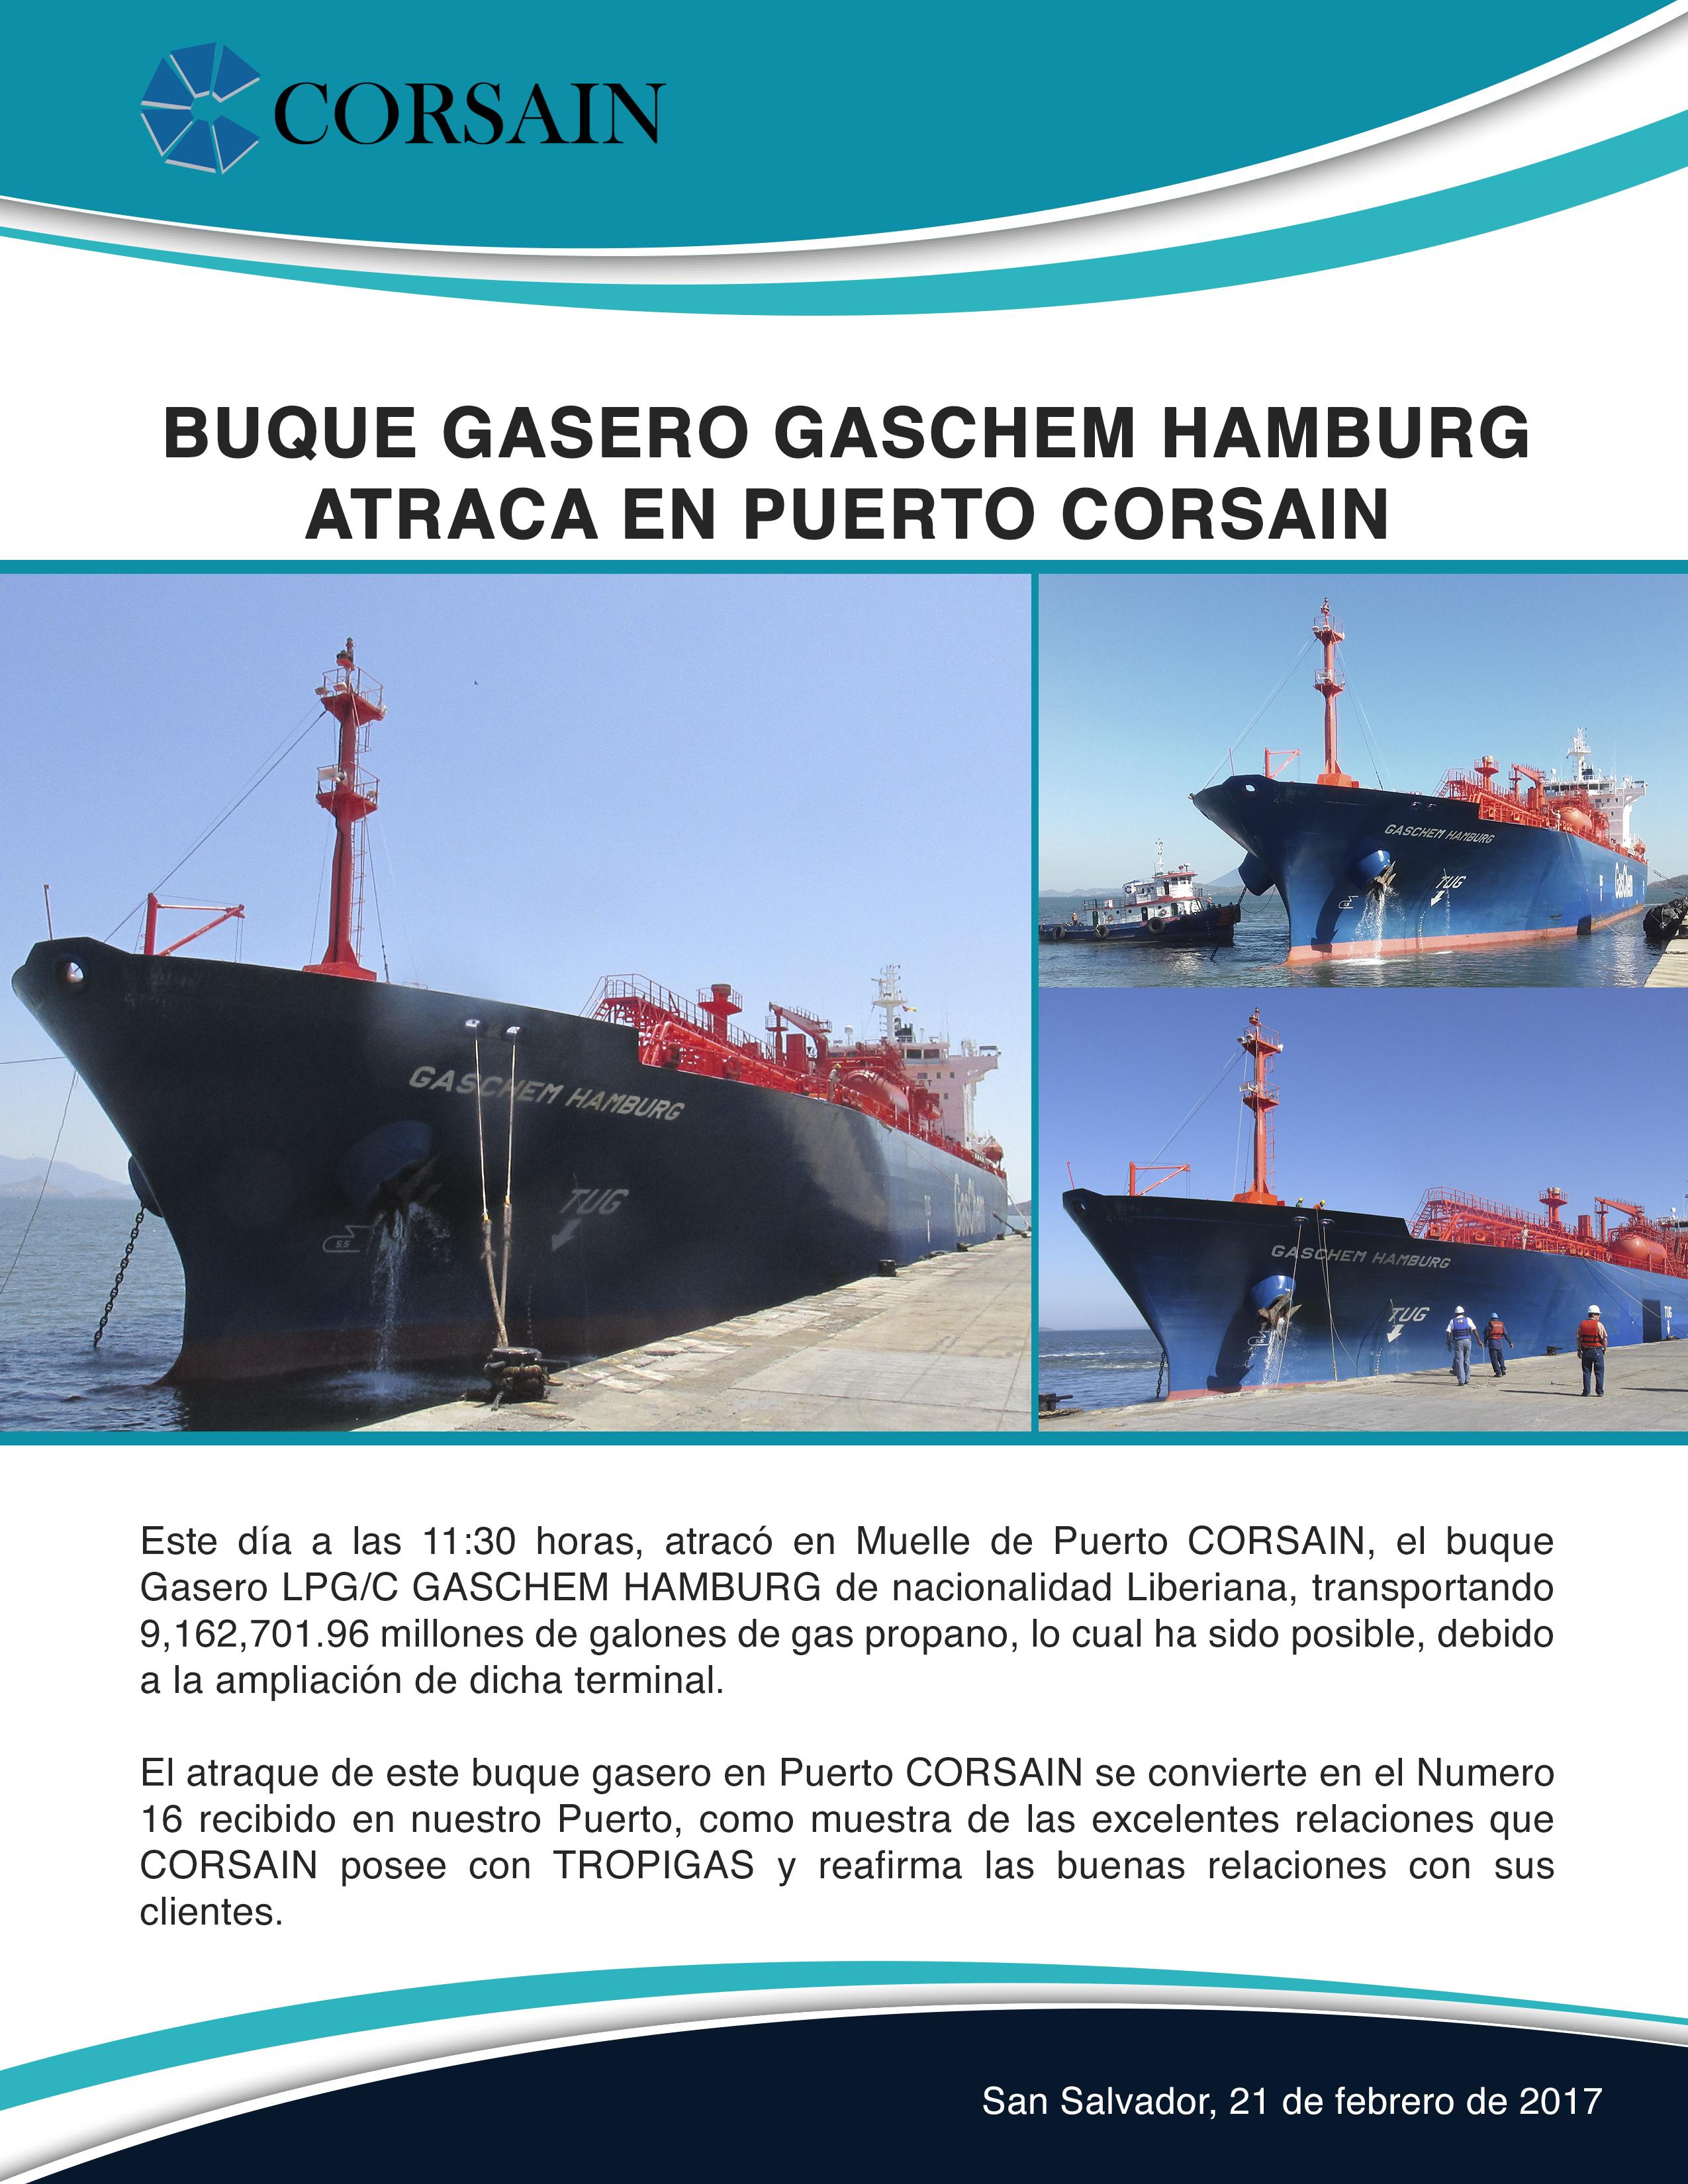 comunicado-buque-gaschem